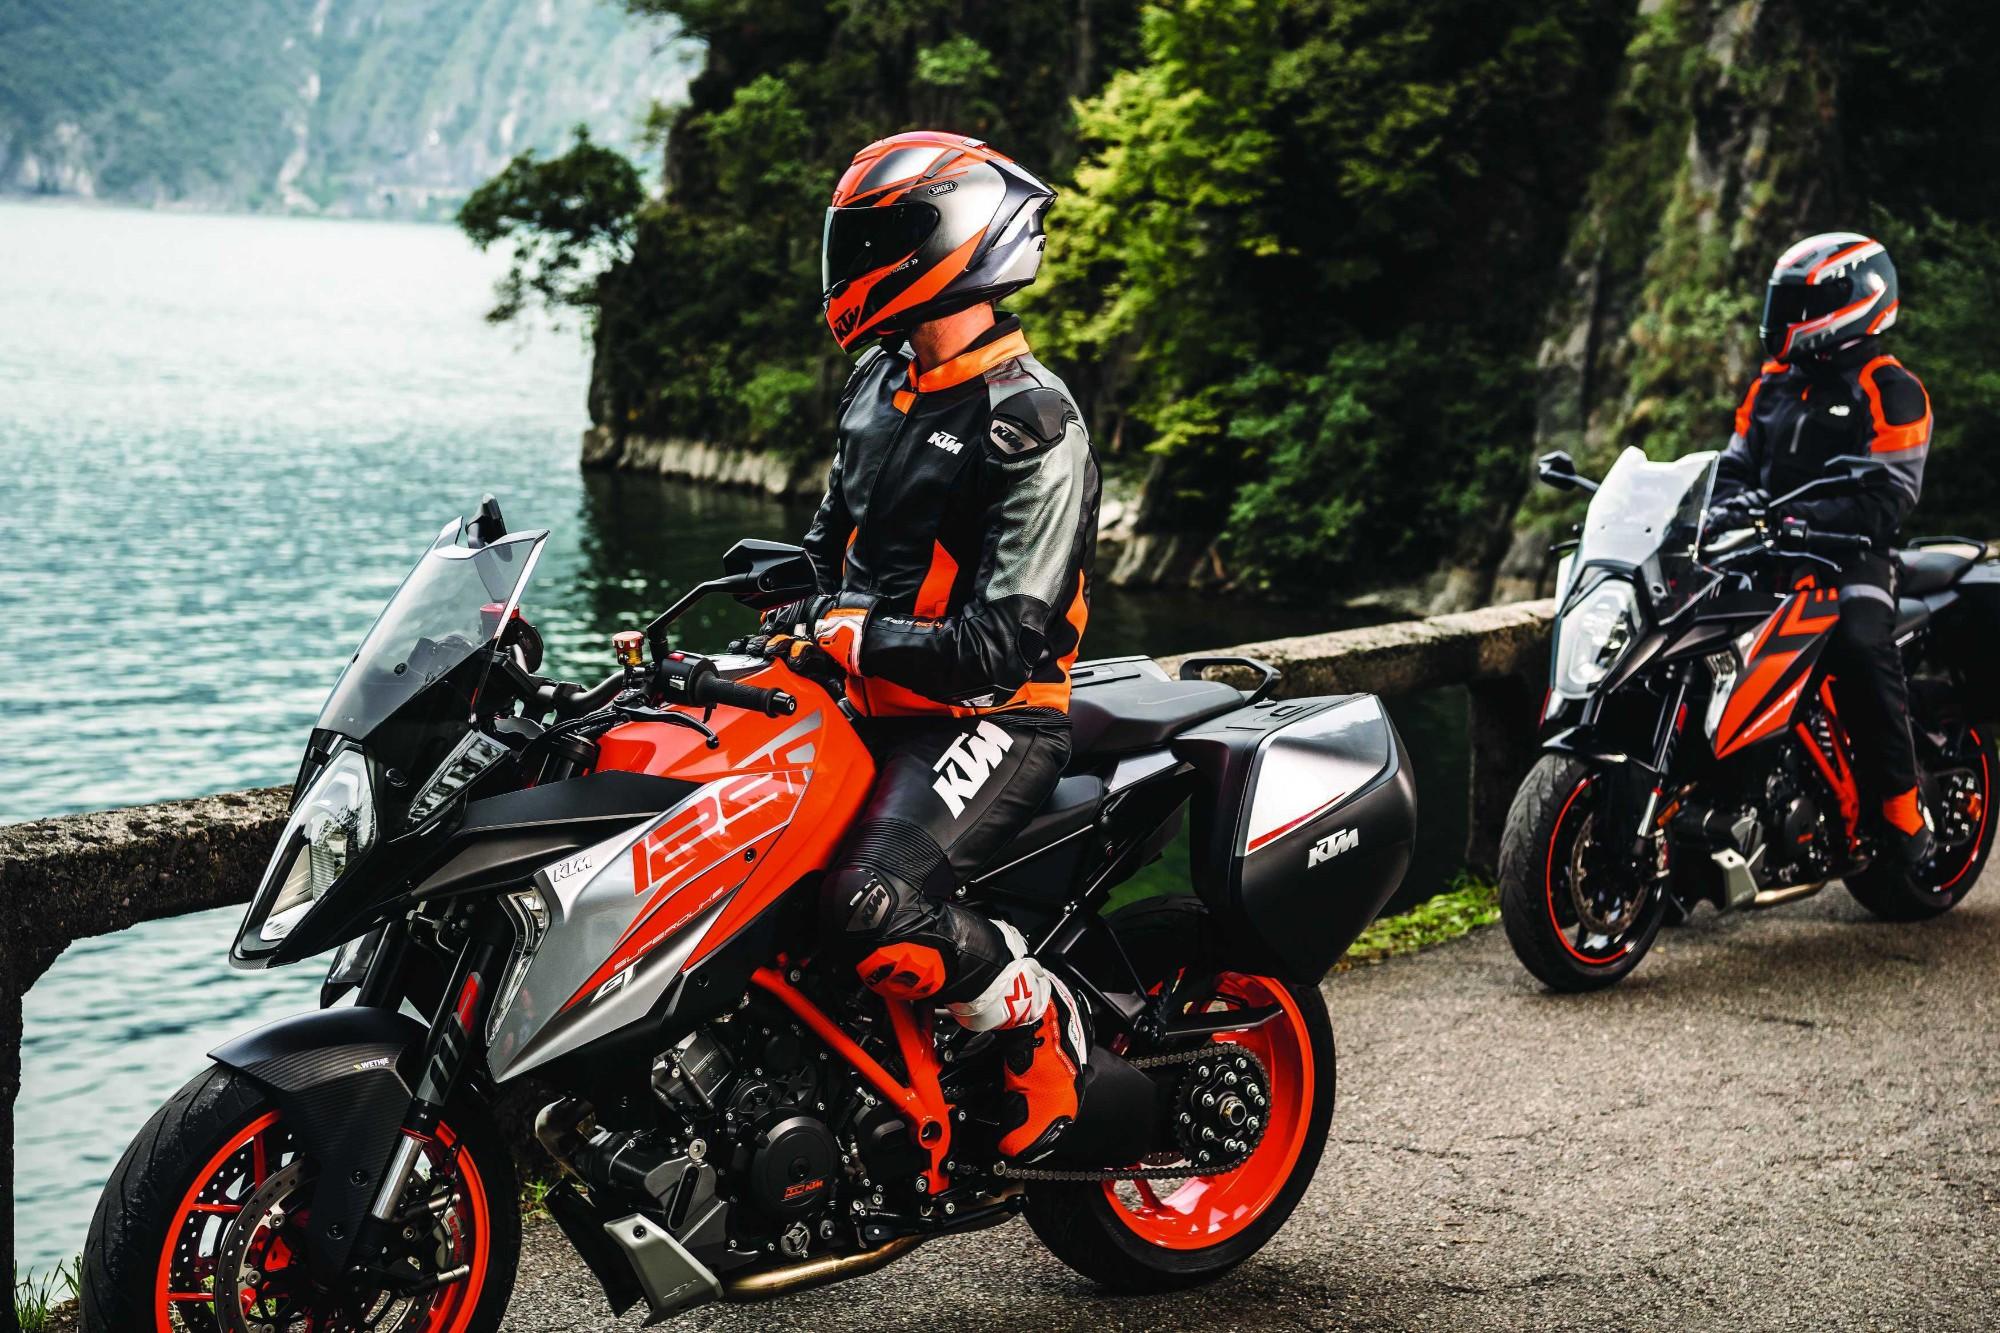 AMA Vintage Motorcycle Days 2019 - YouTube